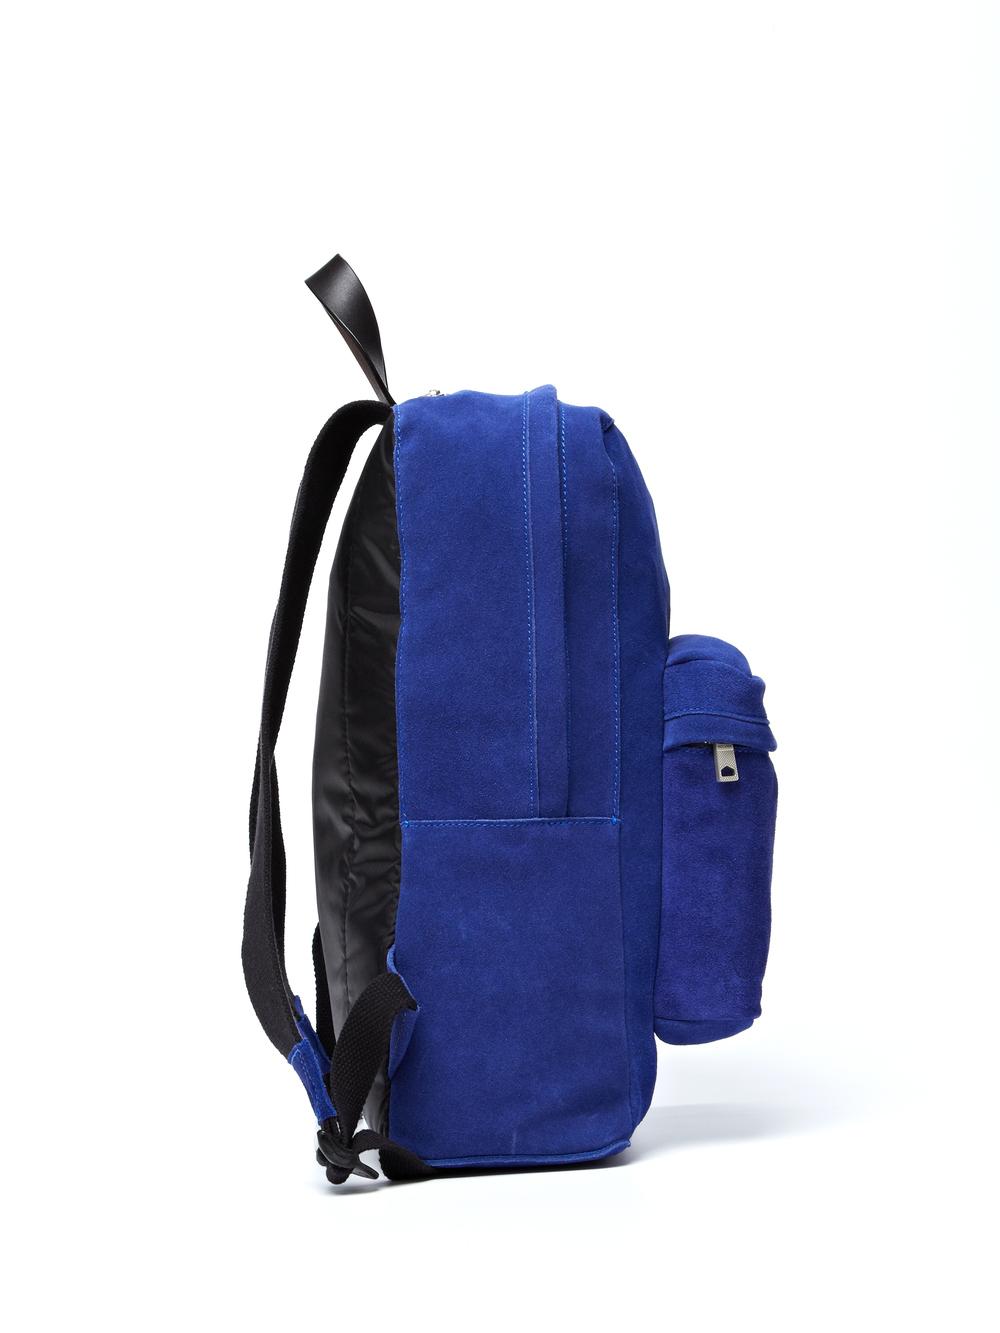 Backpack_SIDE_151.jpg